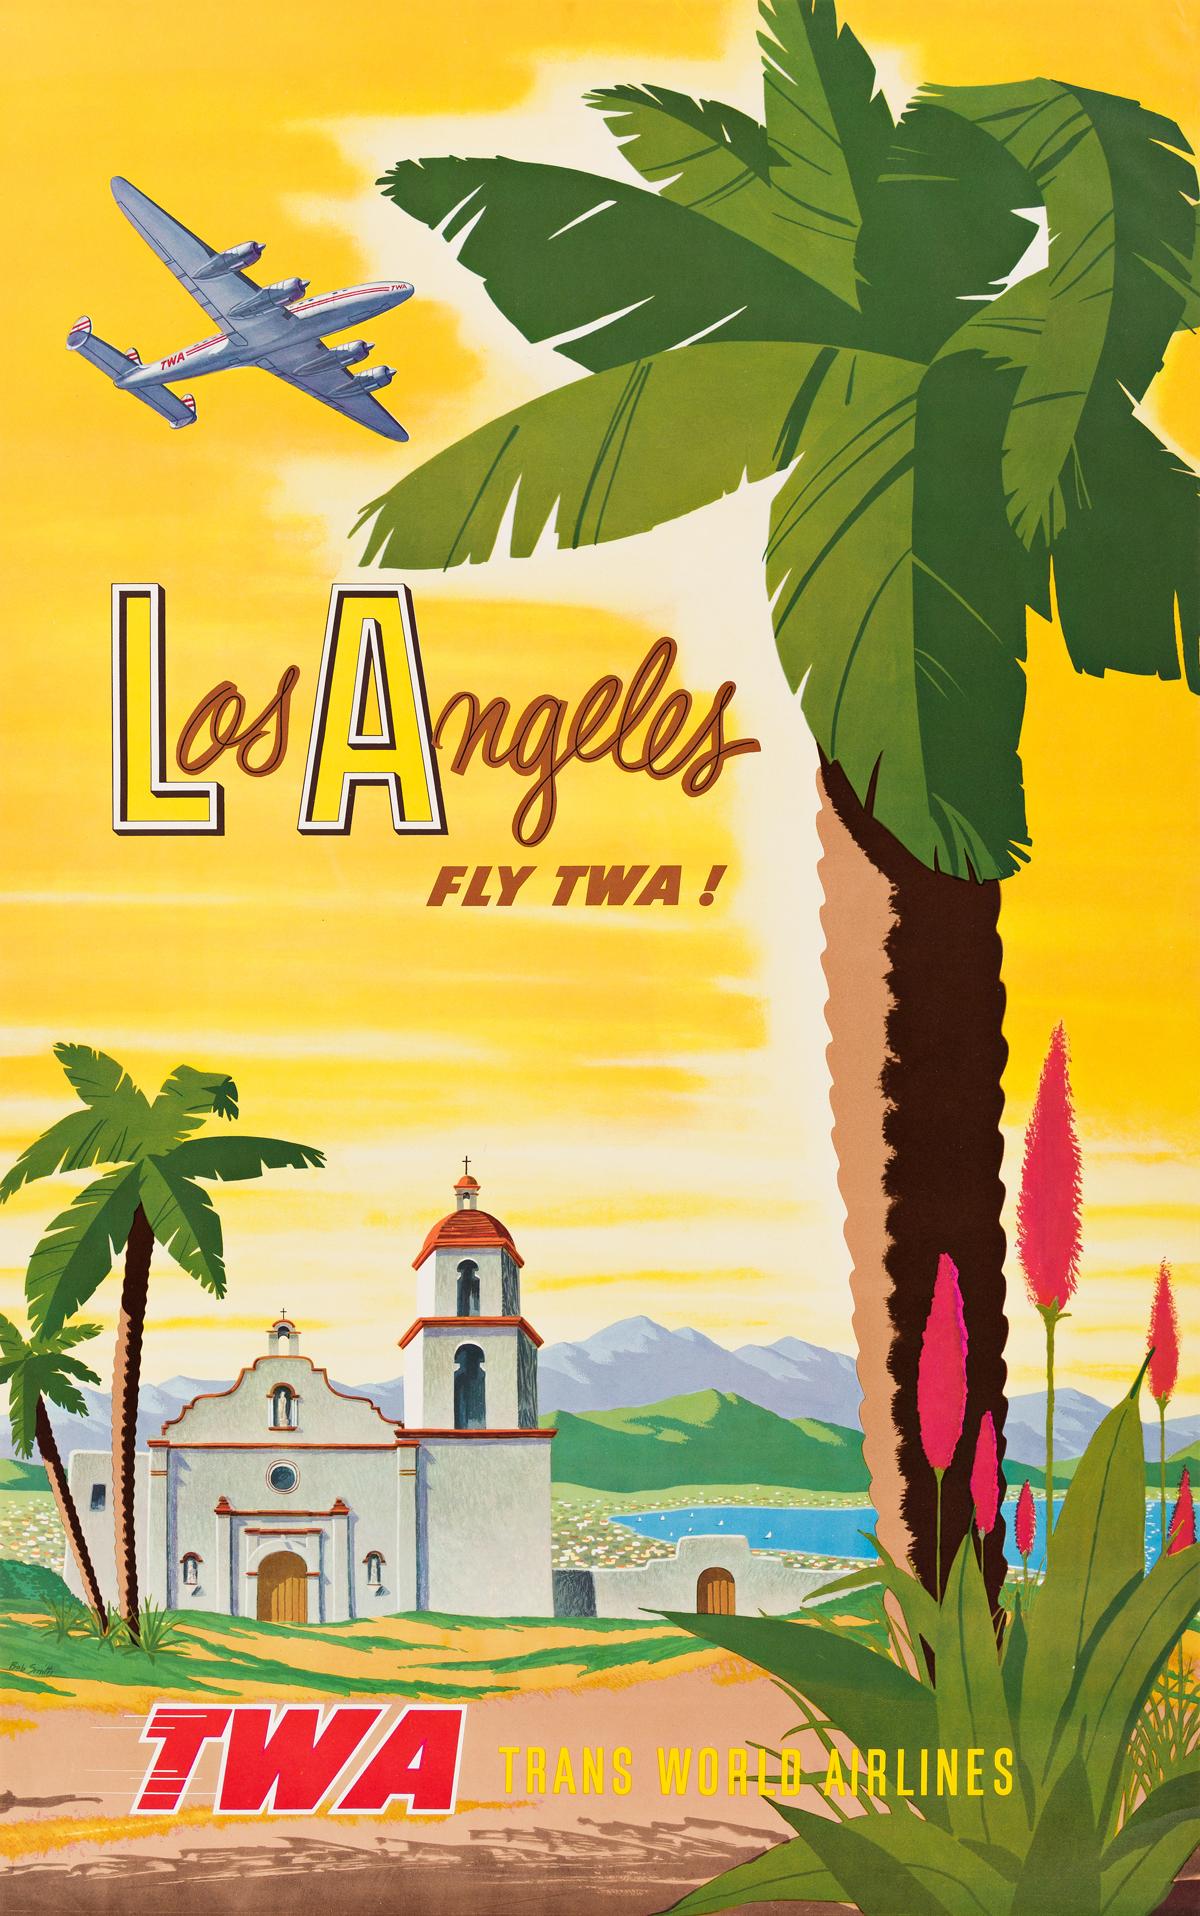 Bob Harmer Smith (1906-1980).  LOS ANGELES / FLY TWA! Circa 1948.